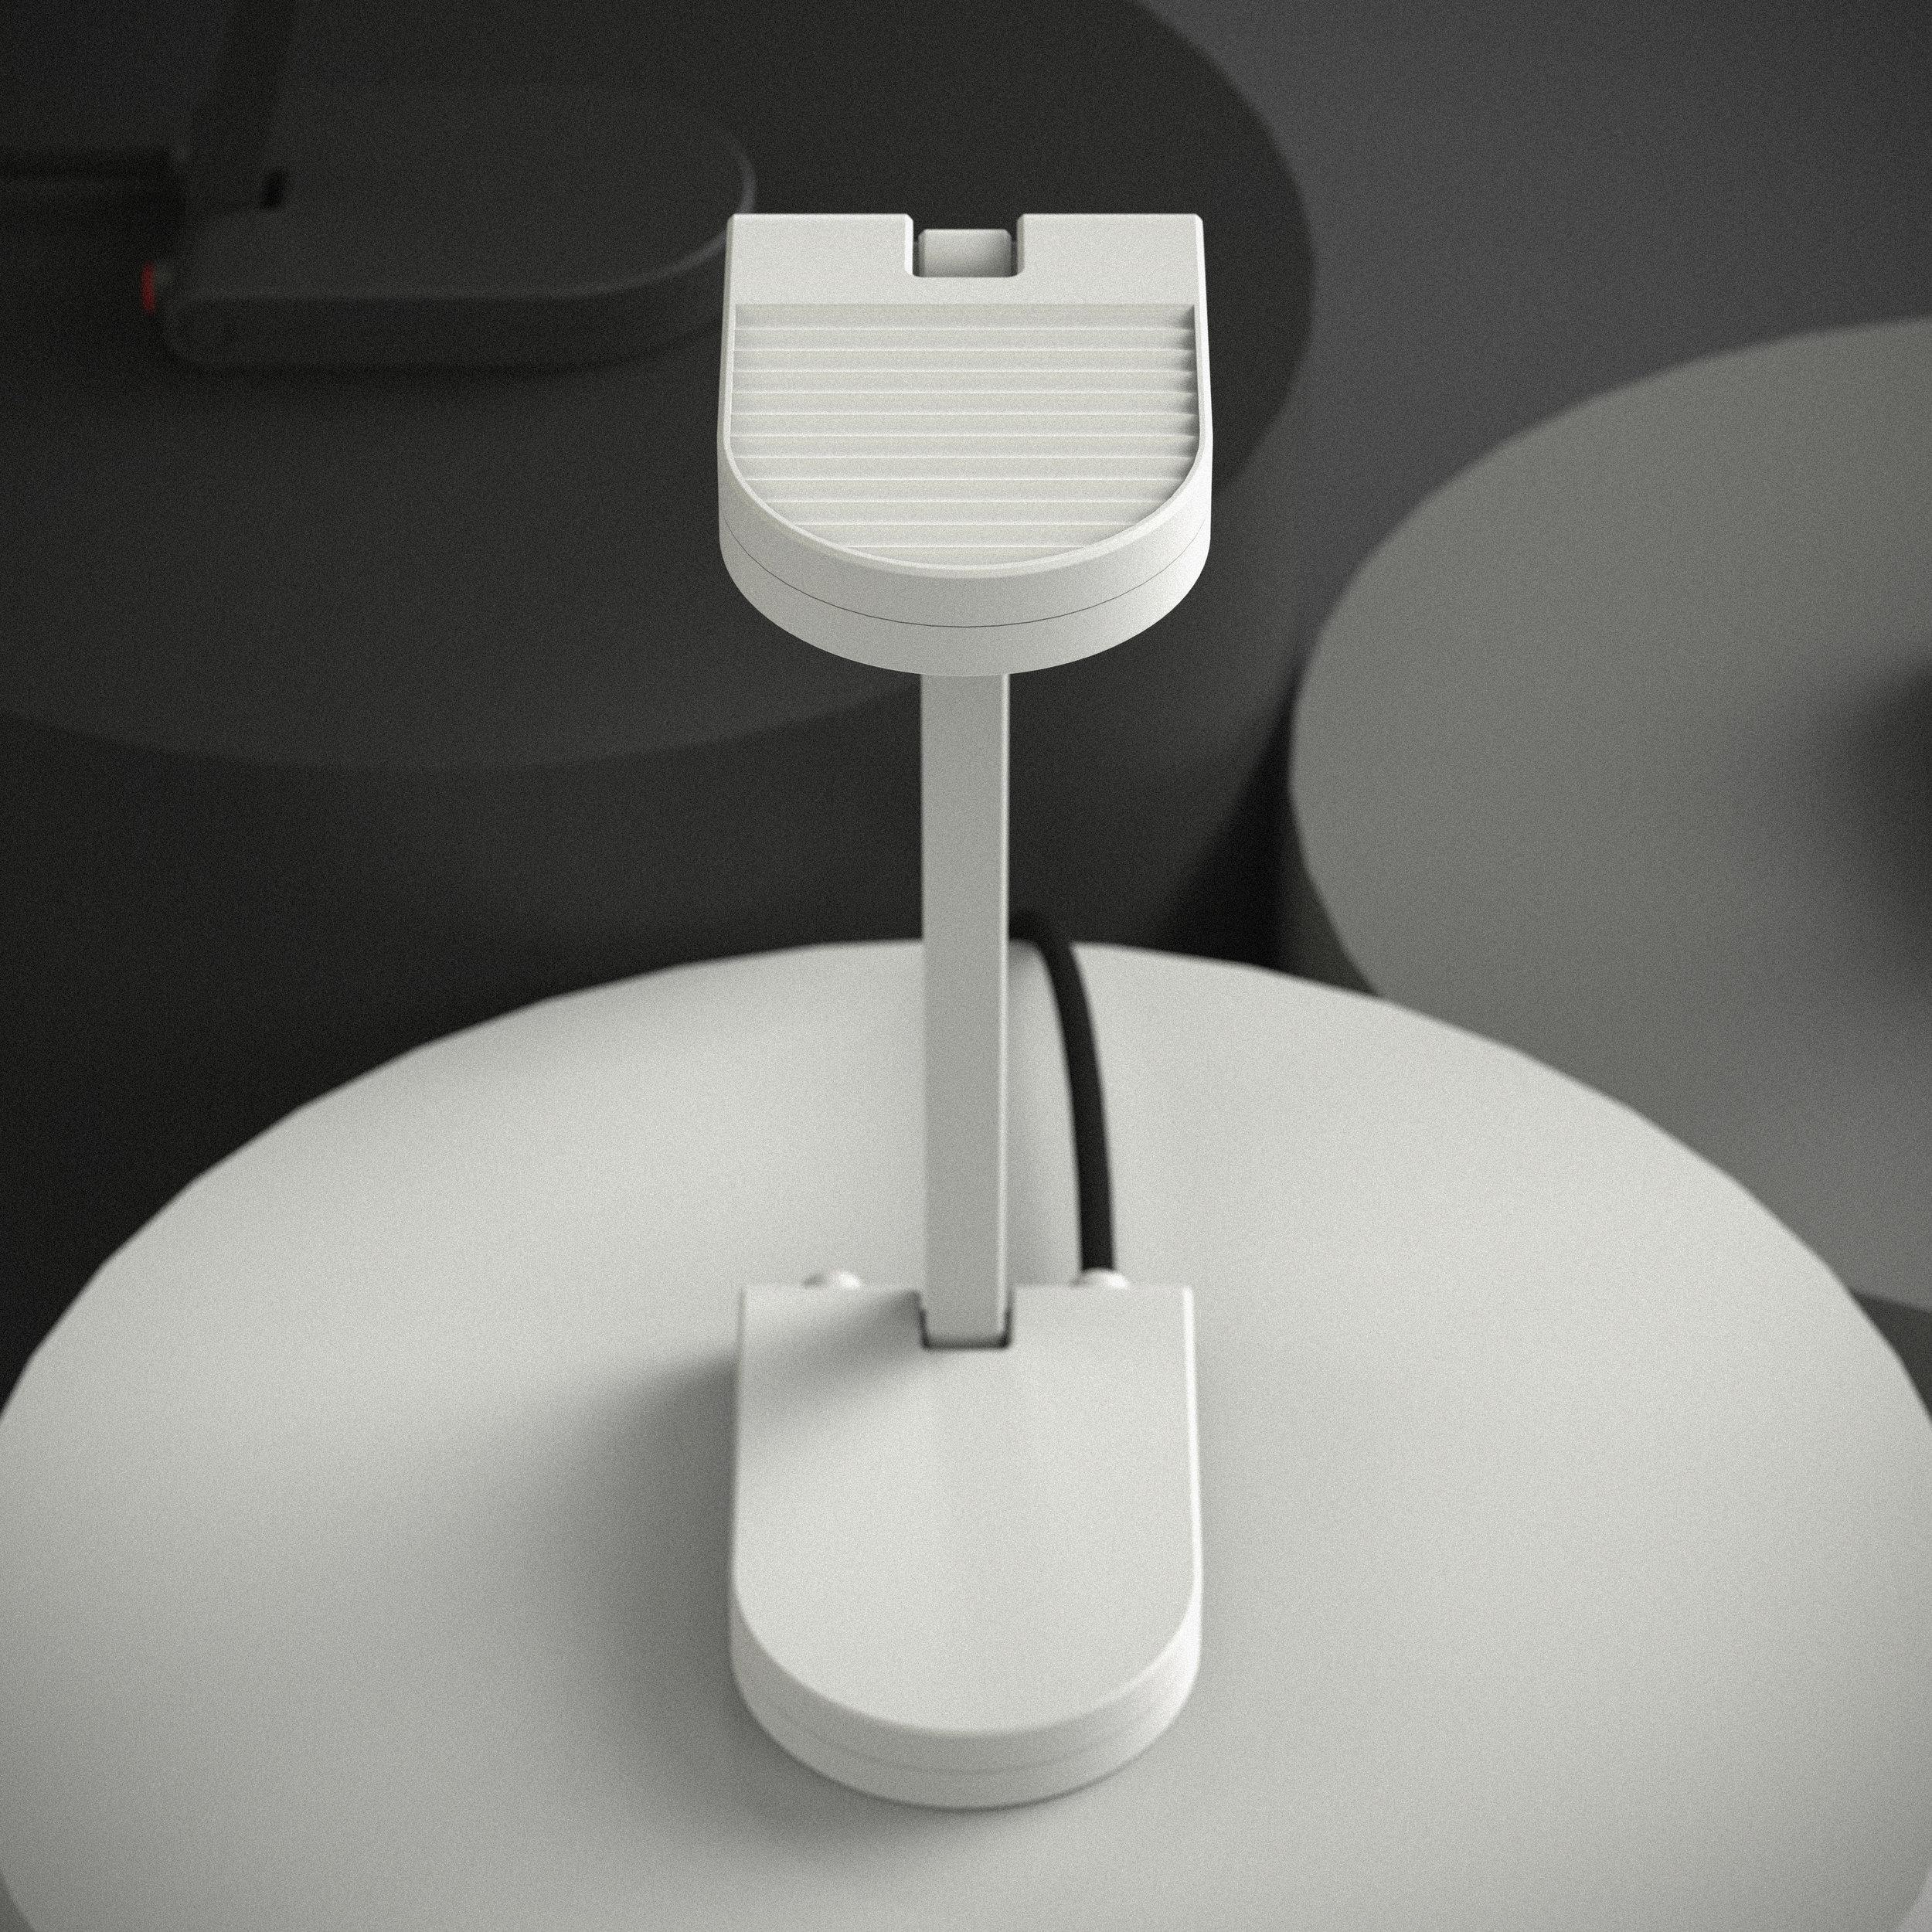 Task Lamp5.jpg